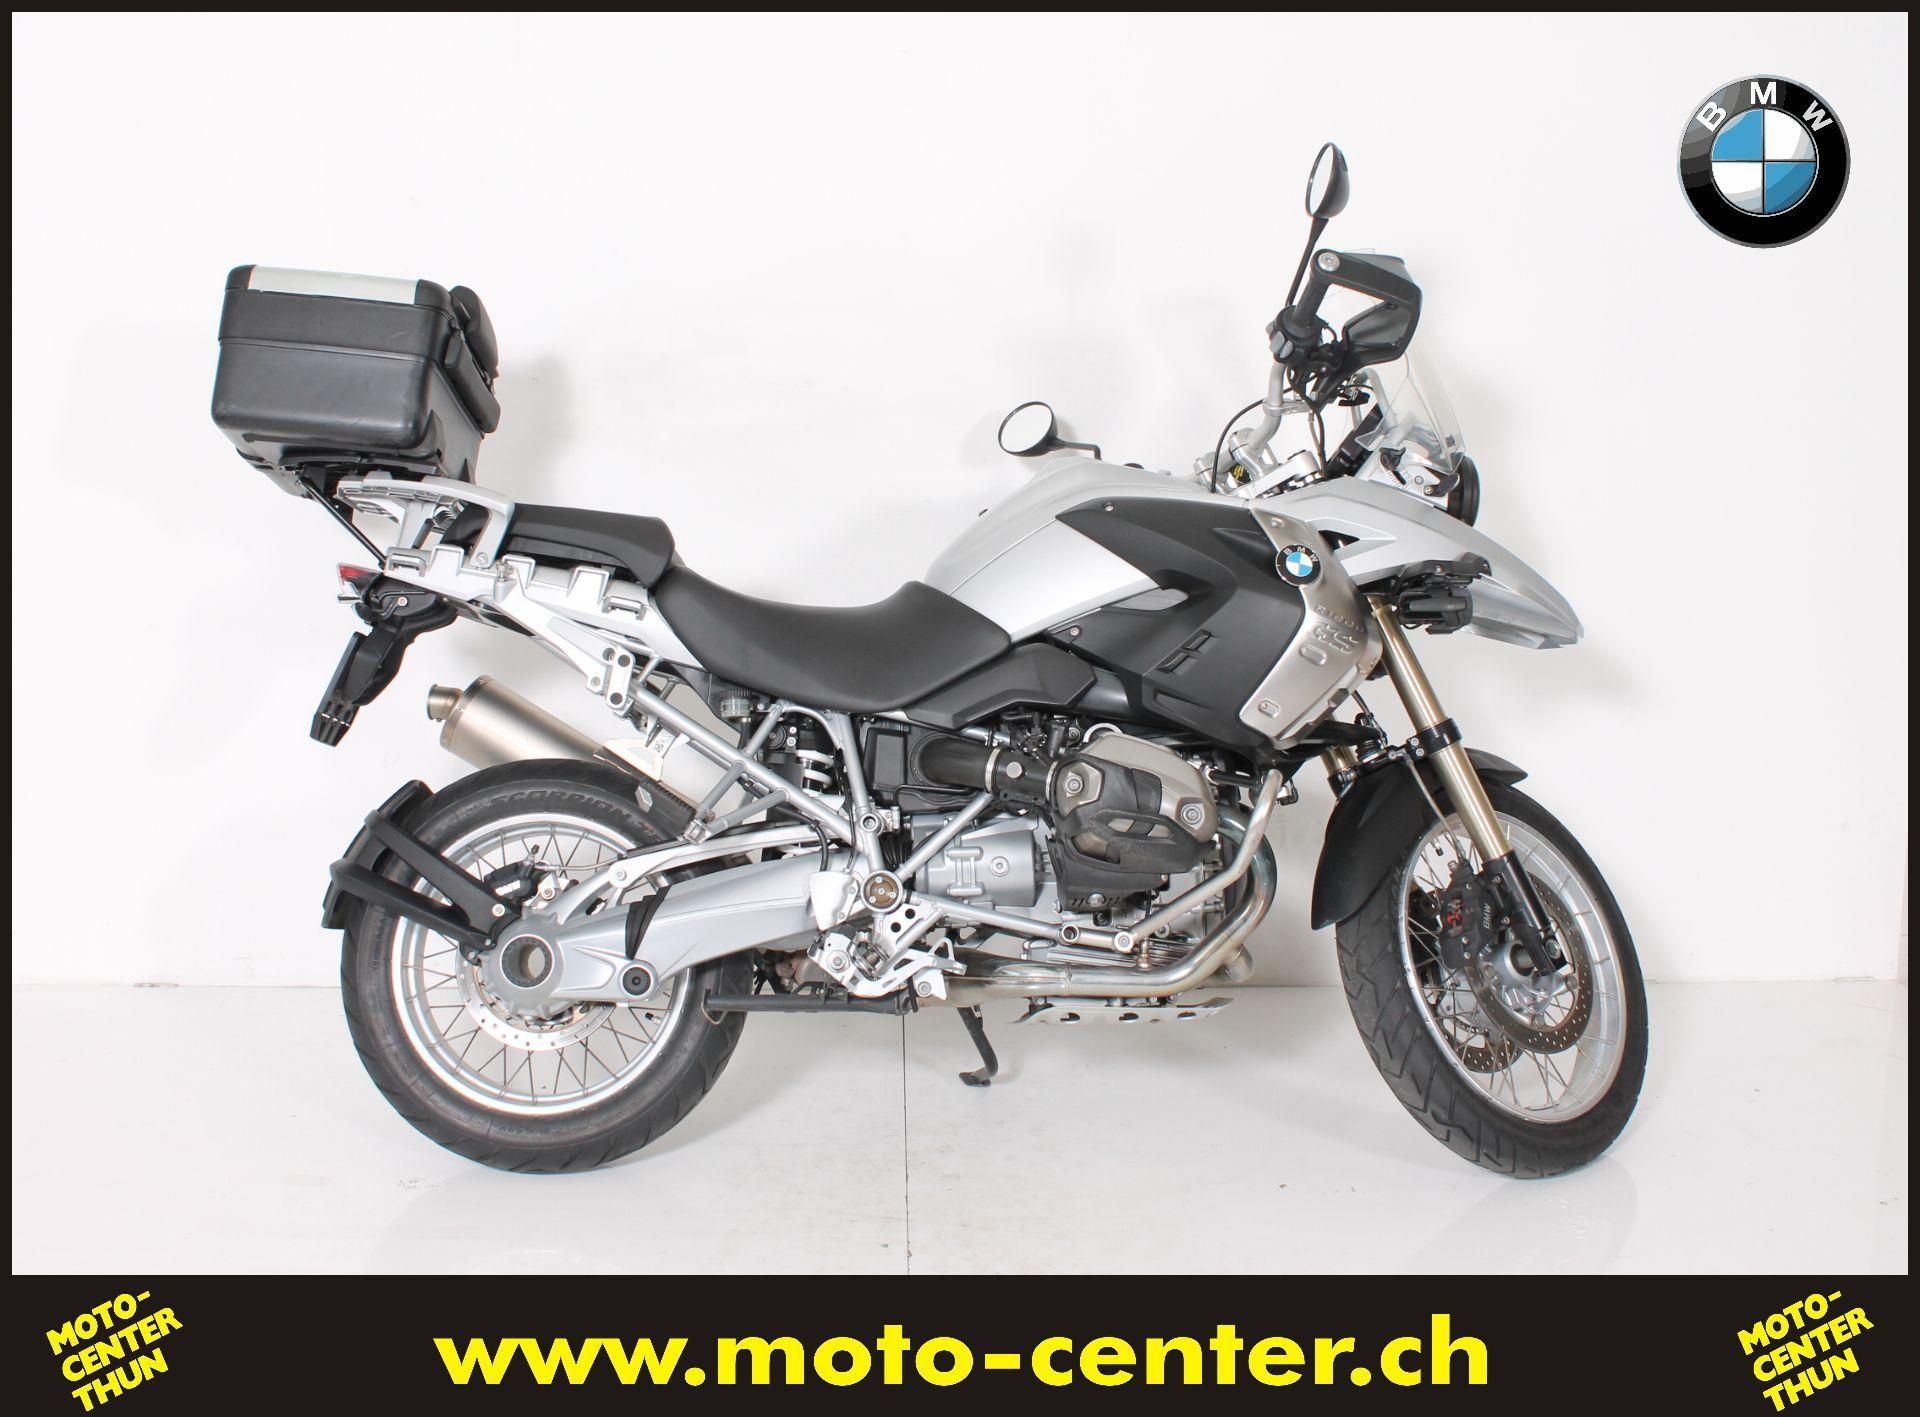 motorrad occasion kaufen bmw r 1200 gs moto center thun steffisburg. Black Bedroom Furniture Sets. Home Design Ideas